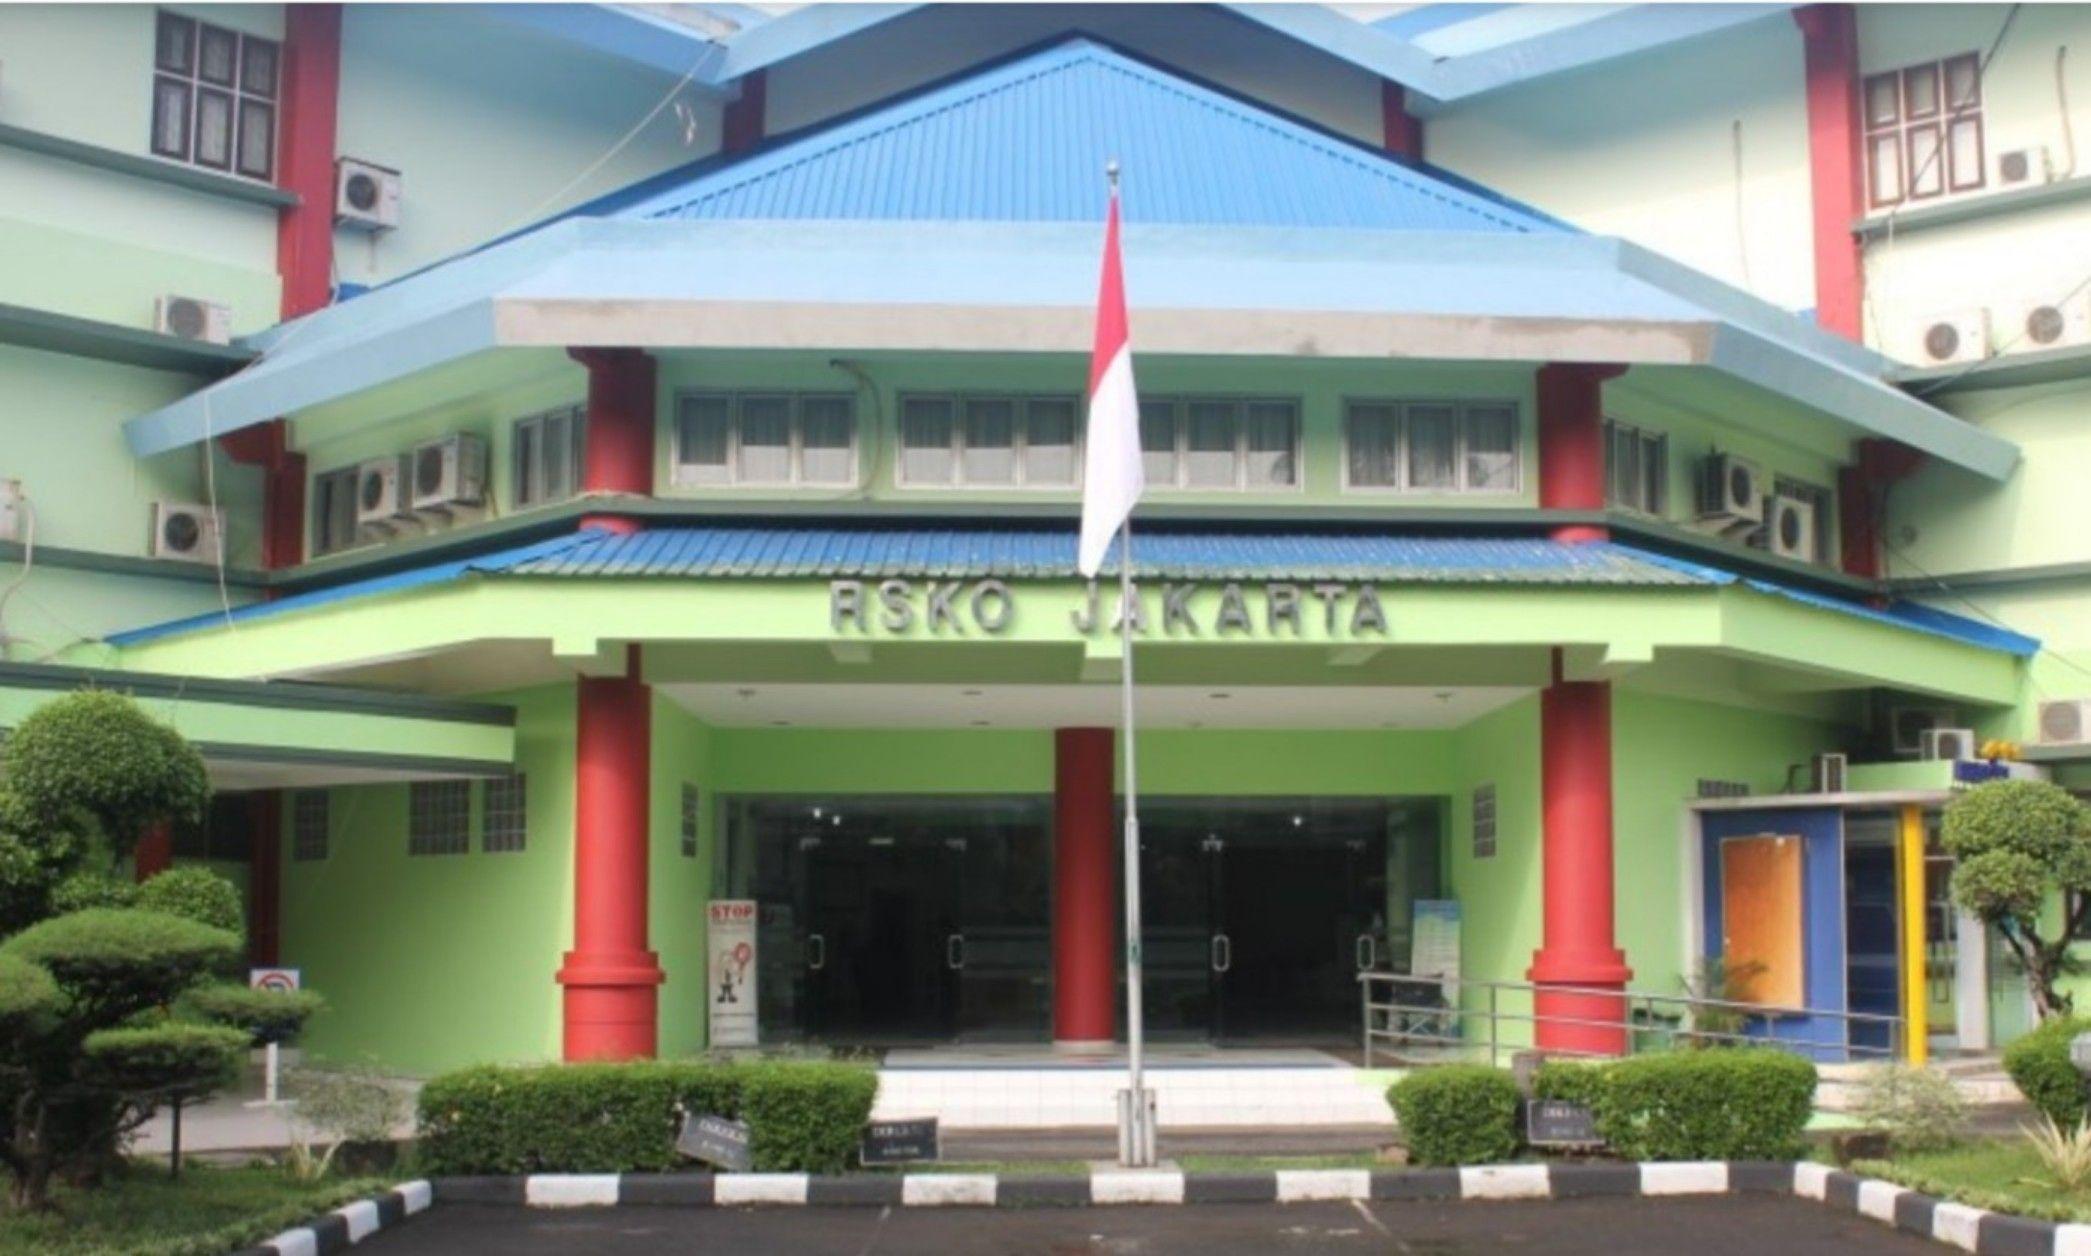 Deskripsi : RSKO Jakarta menjadi pusat layanan penyalaghuna obat dan penerbit SKBN I Sumber Foto : dokpri RSKO